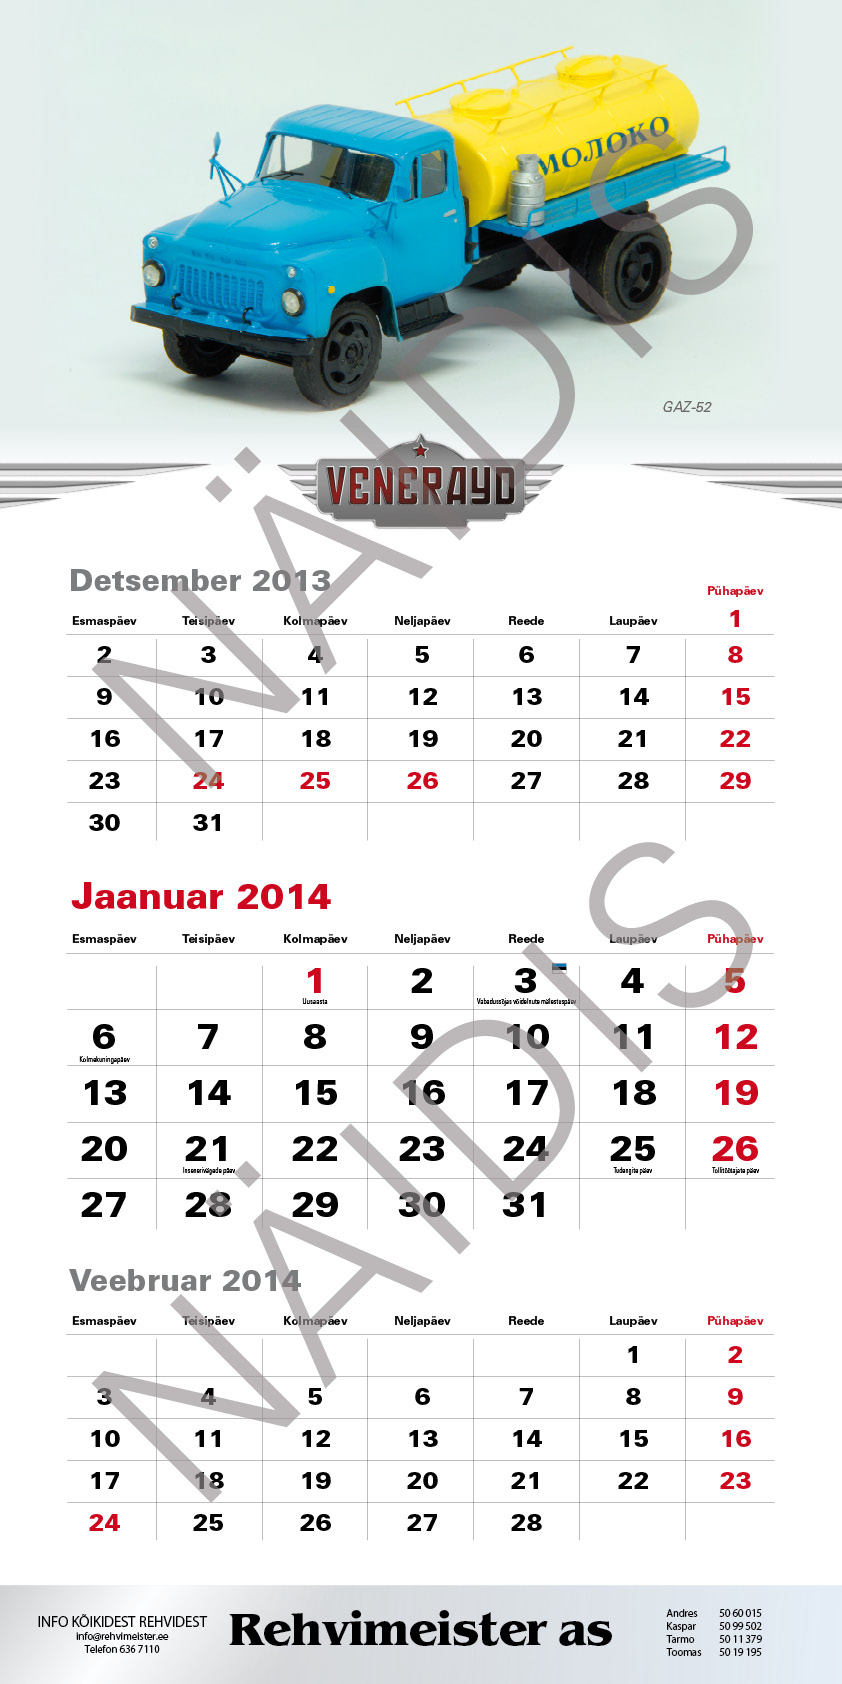 Veneraud_kalender_20142